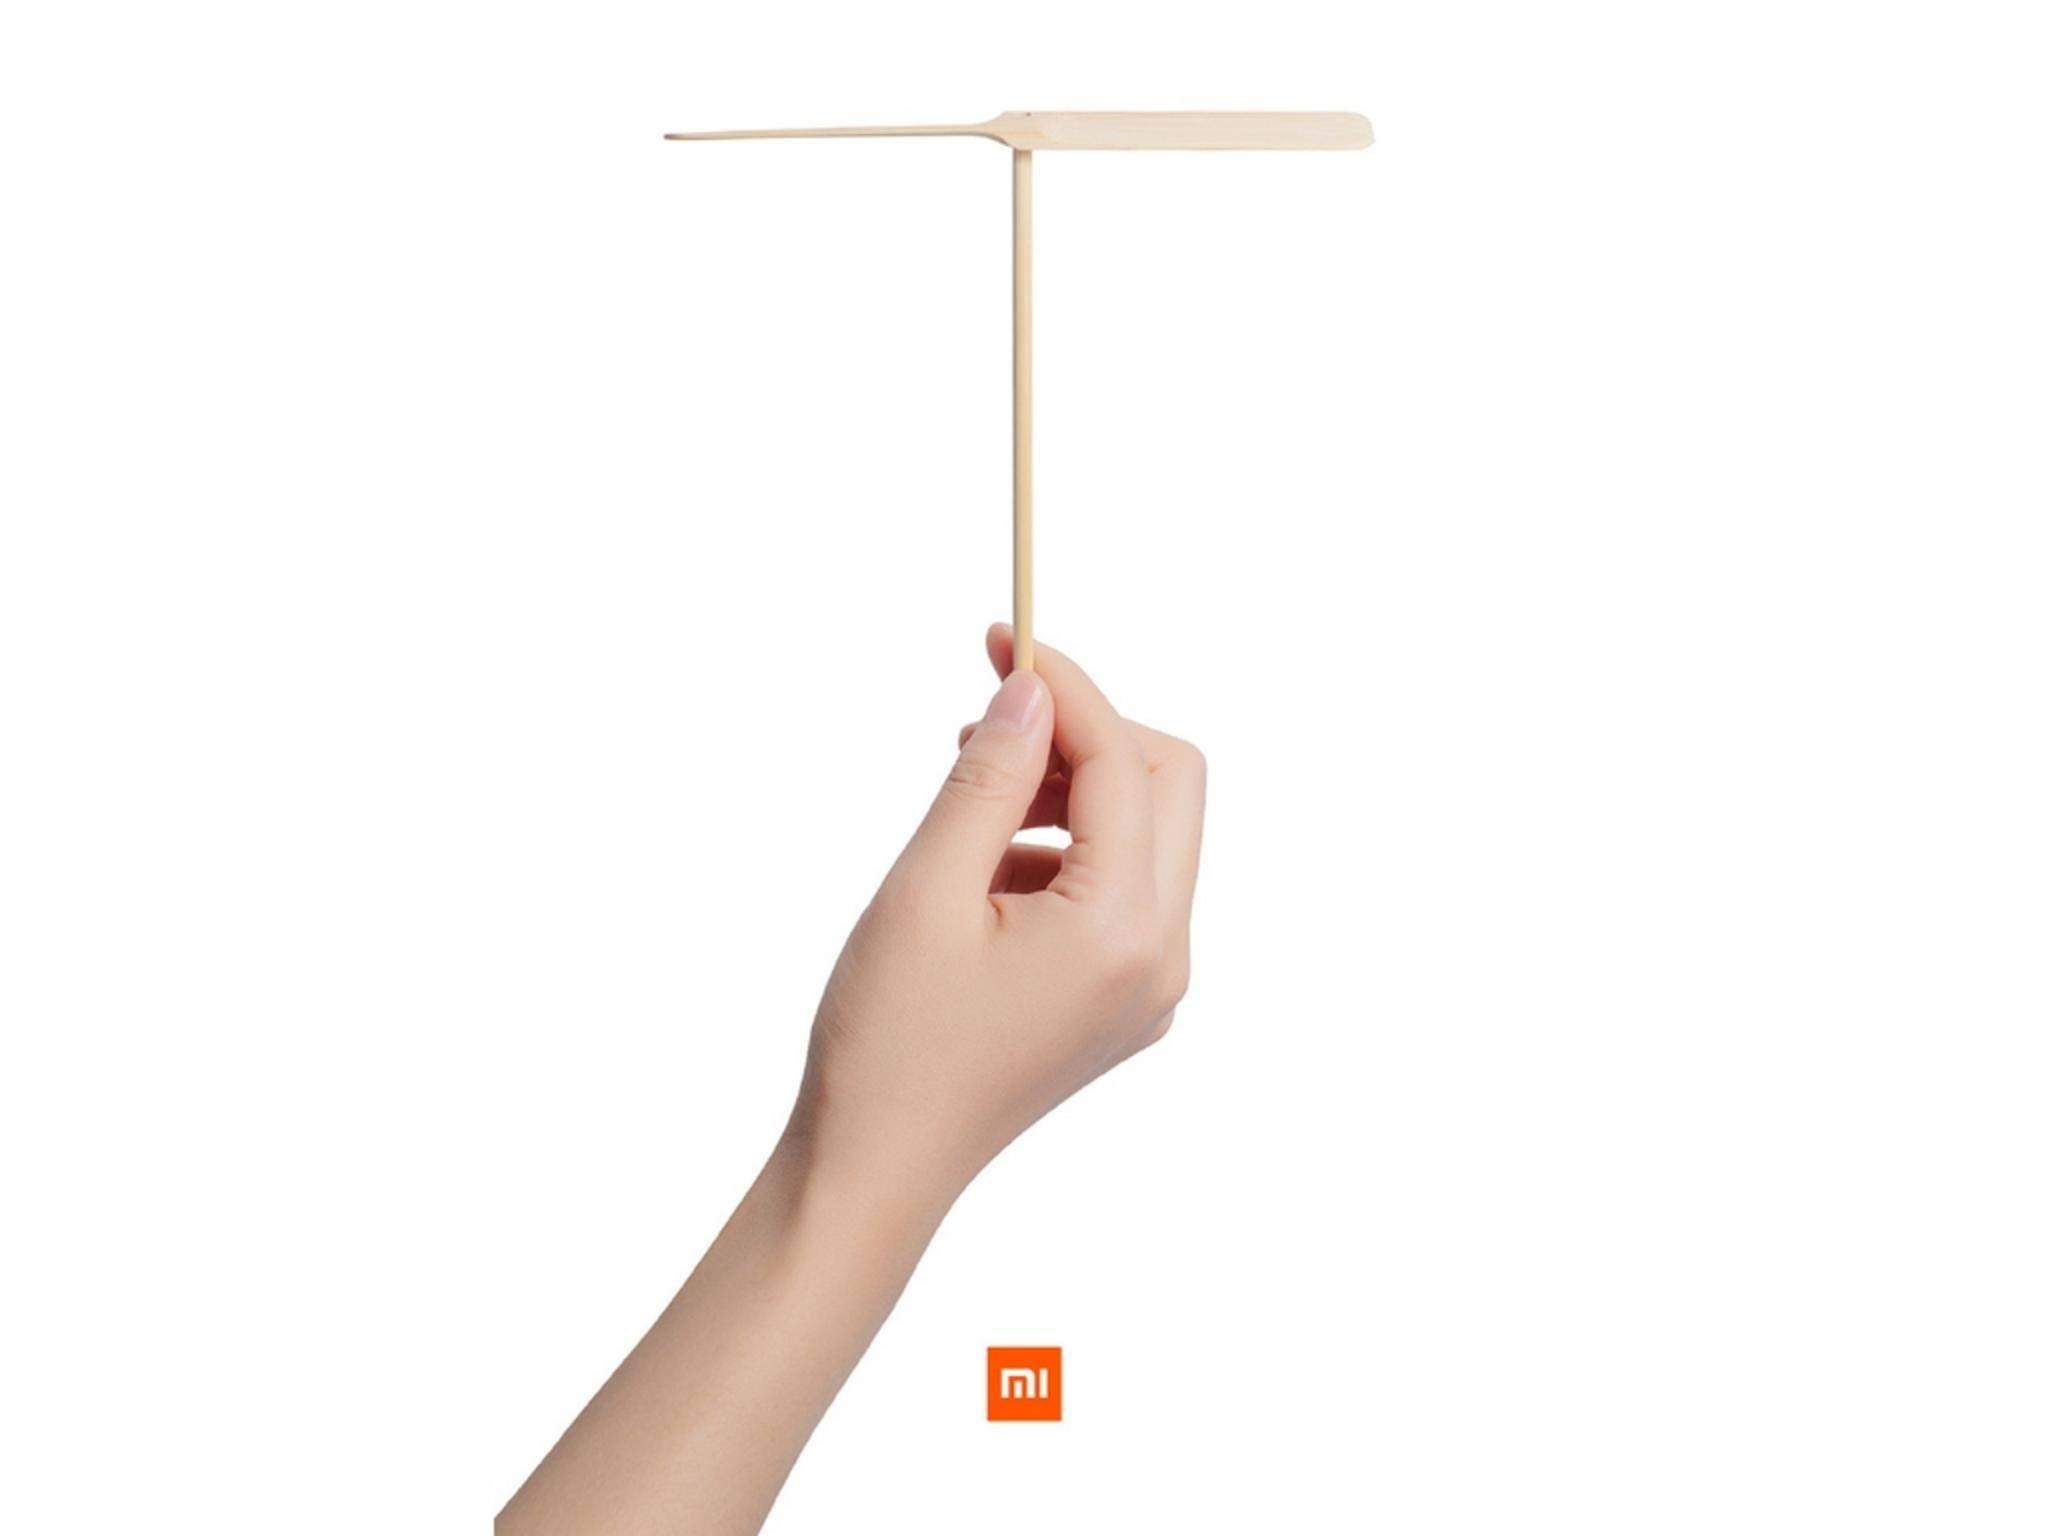 Was die Xiaomi-Drohne kann, steht noch nicht fest.